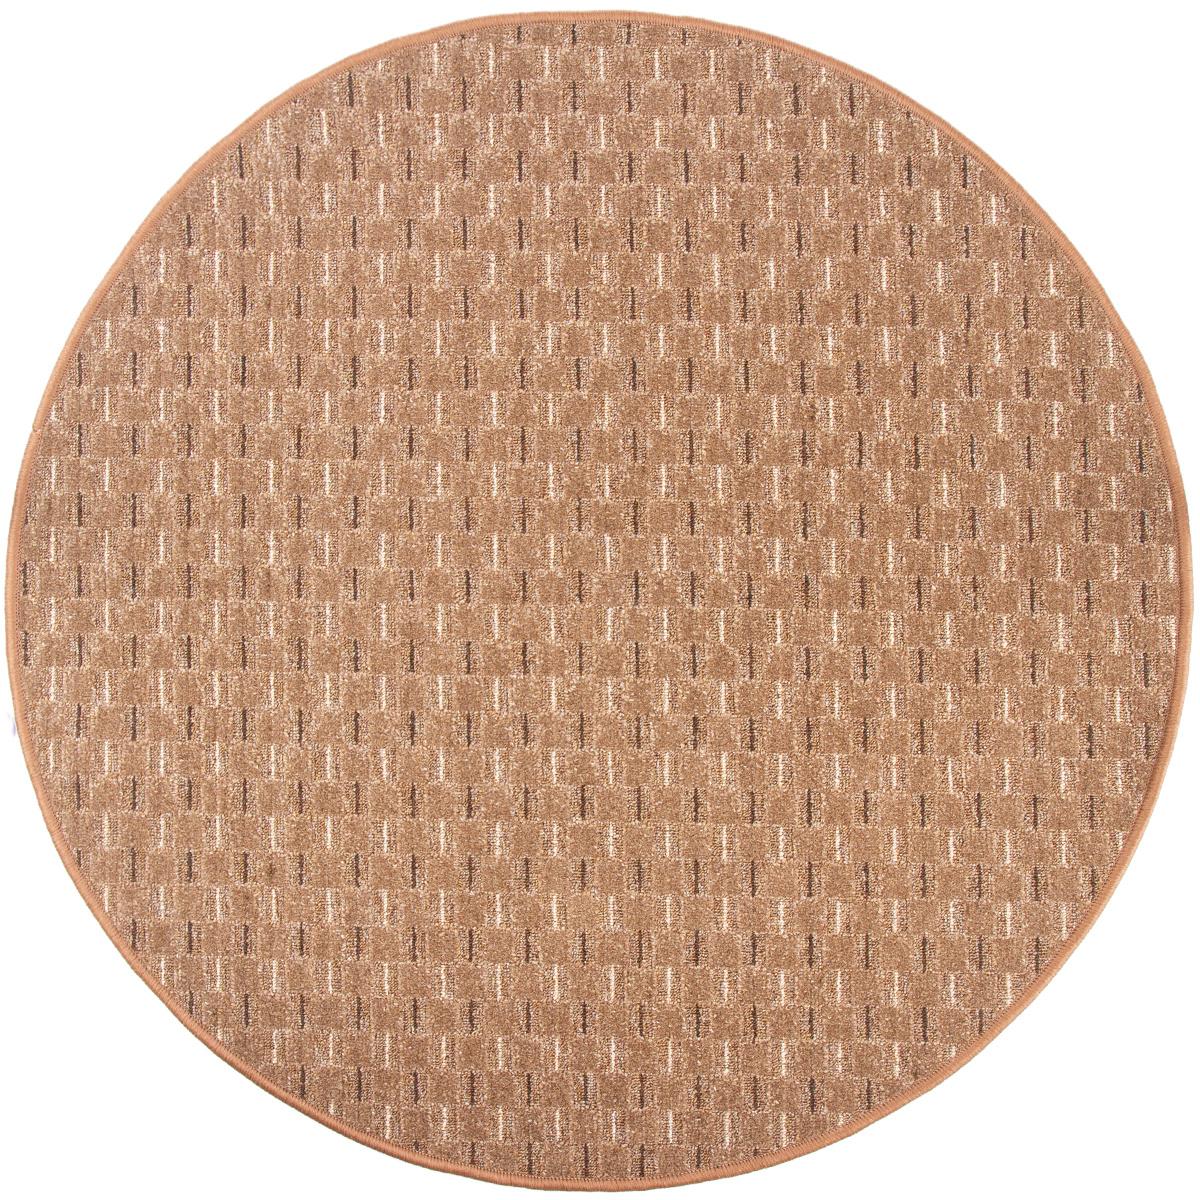 Vopi Kusový koberec Valencia hnědá, 120 cm